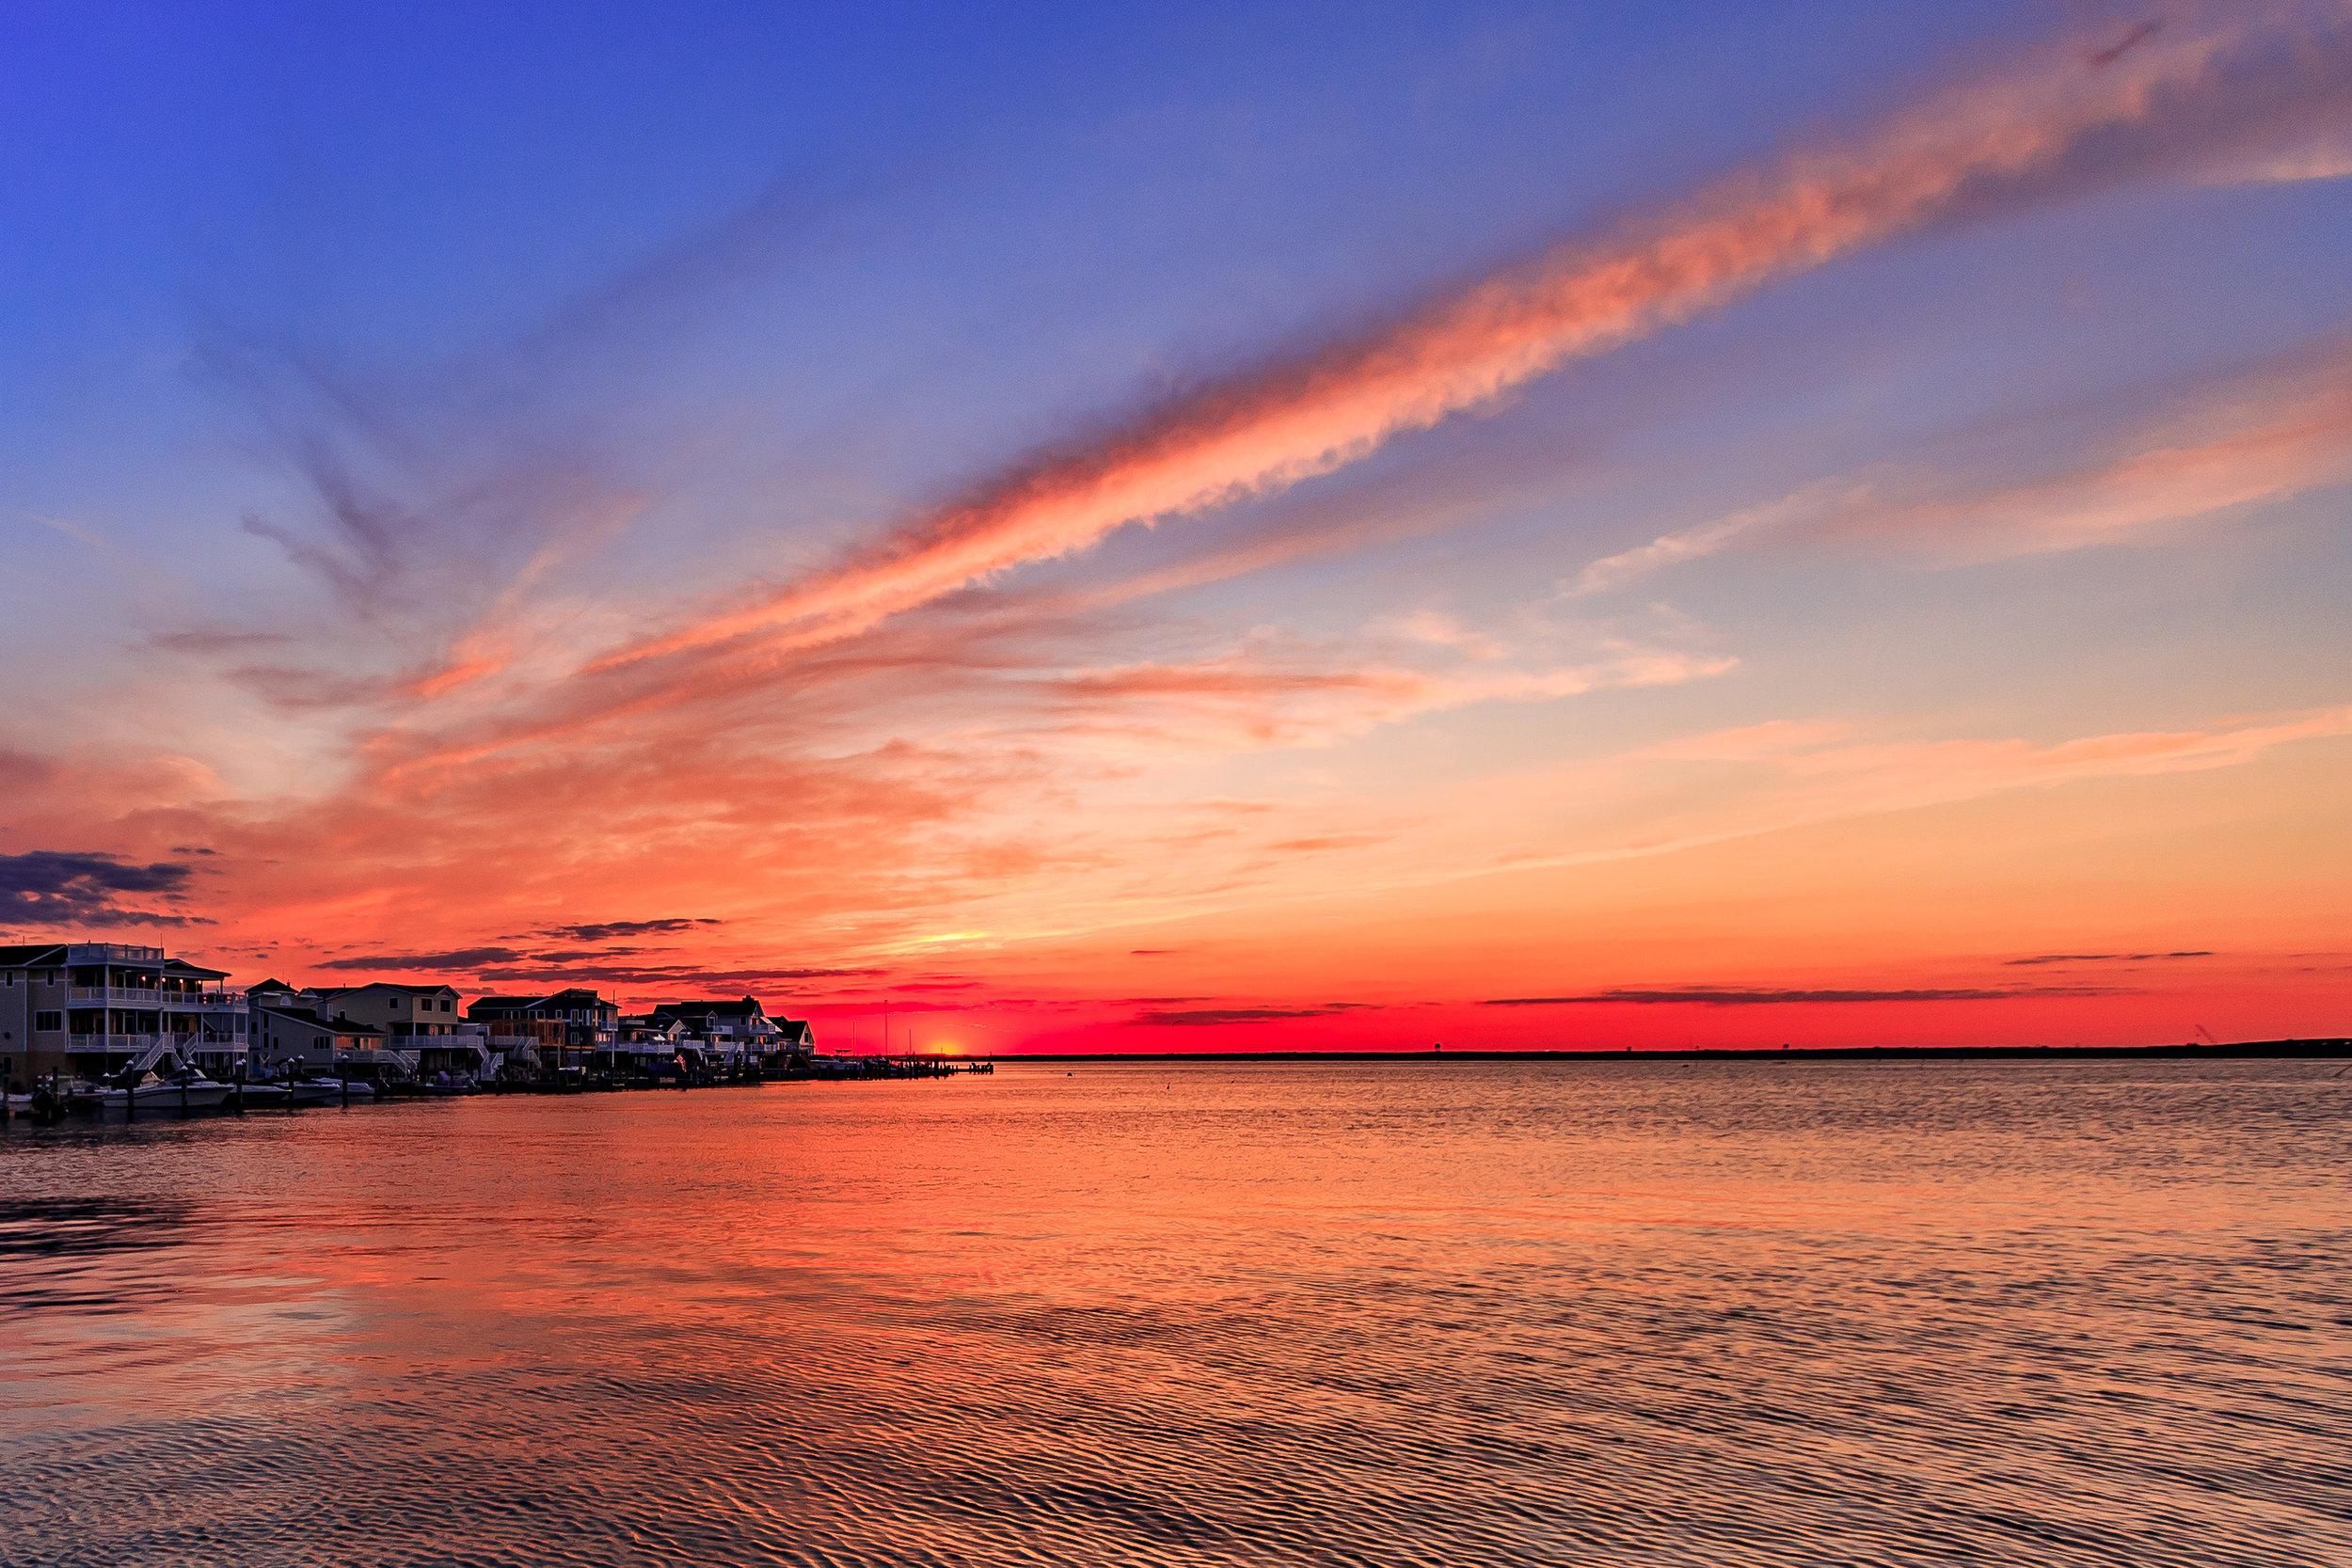 Sunset in Ship Bottom